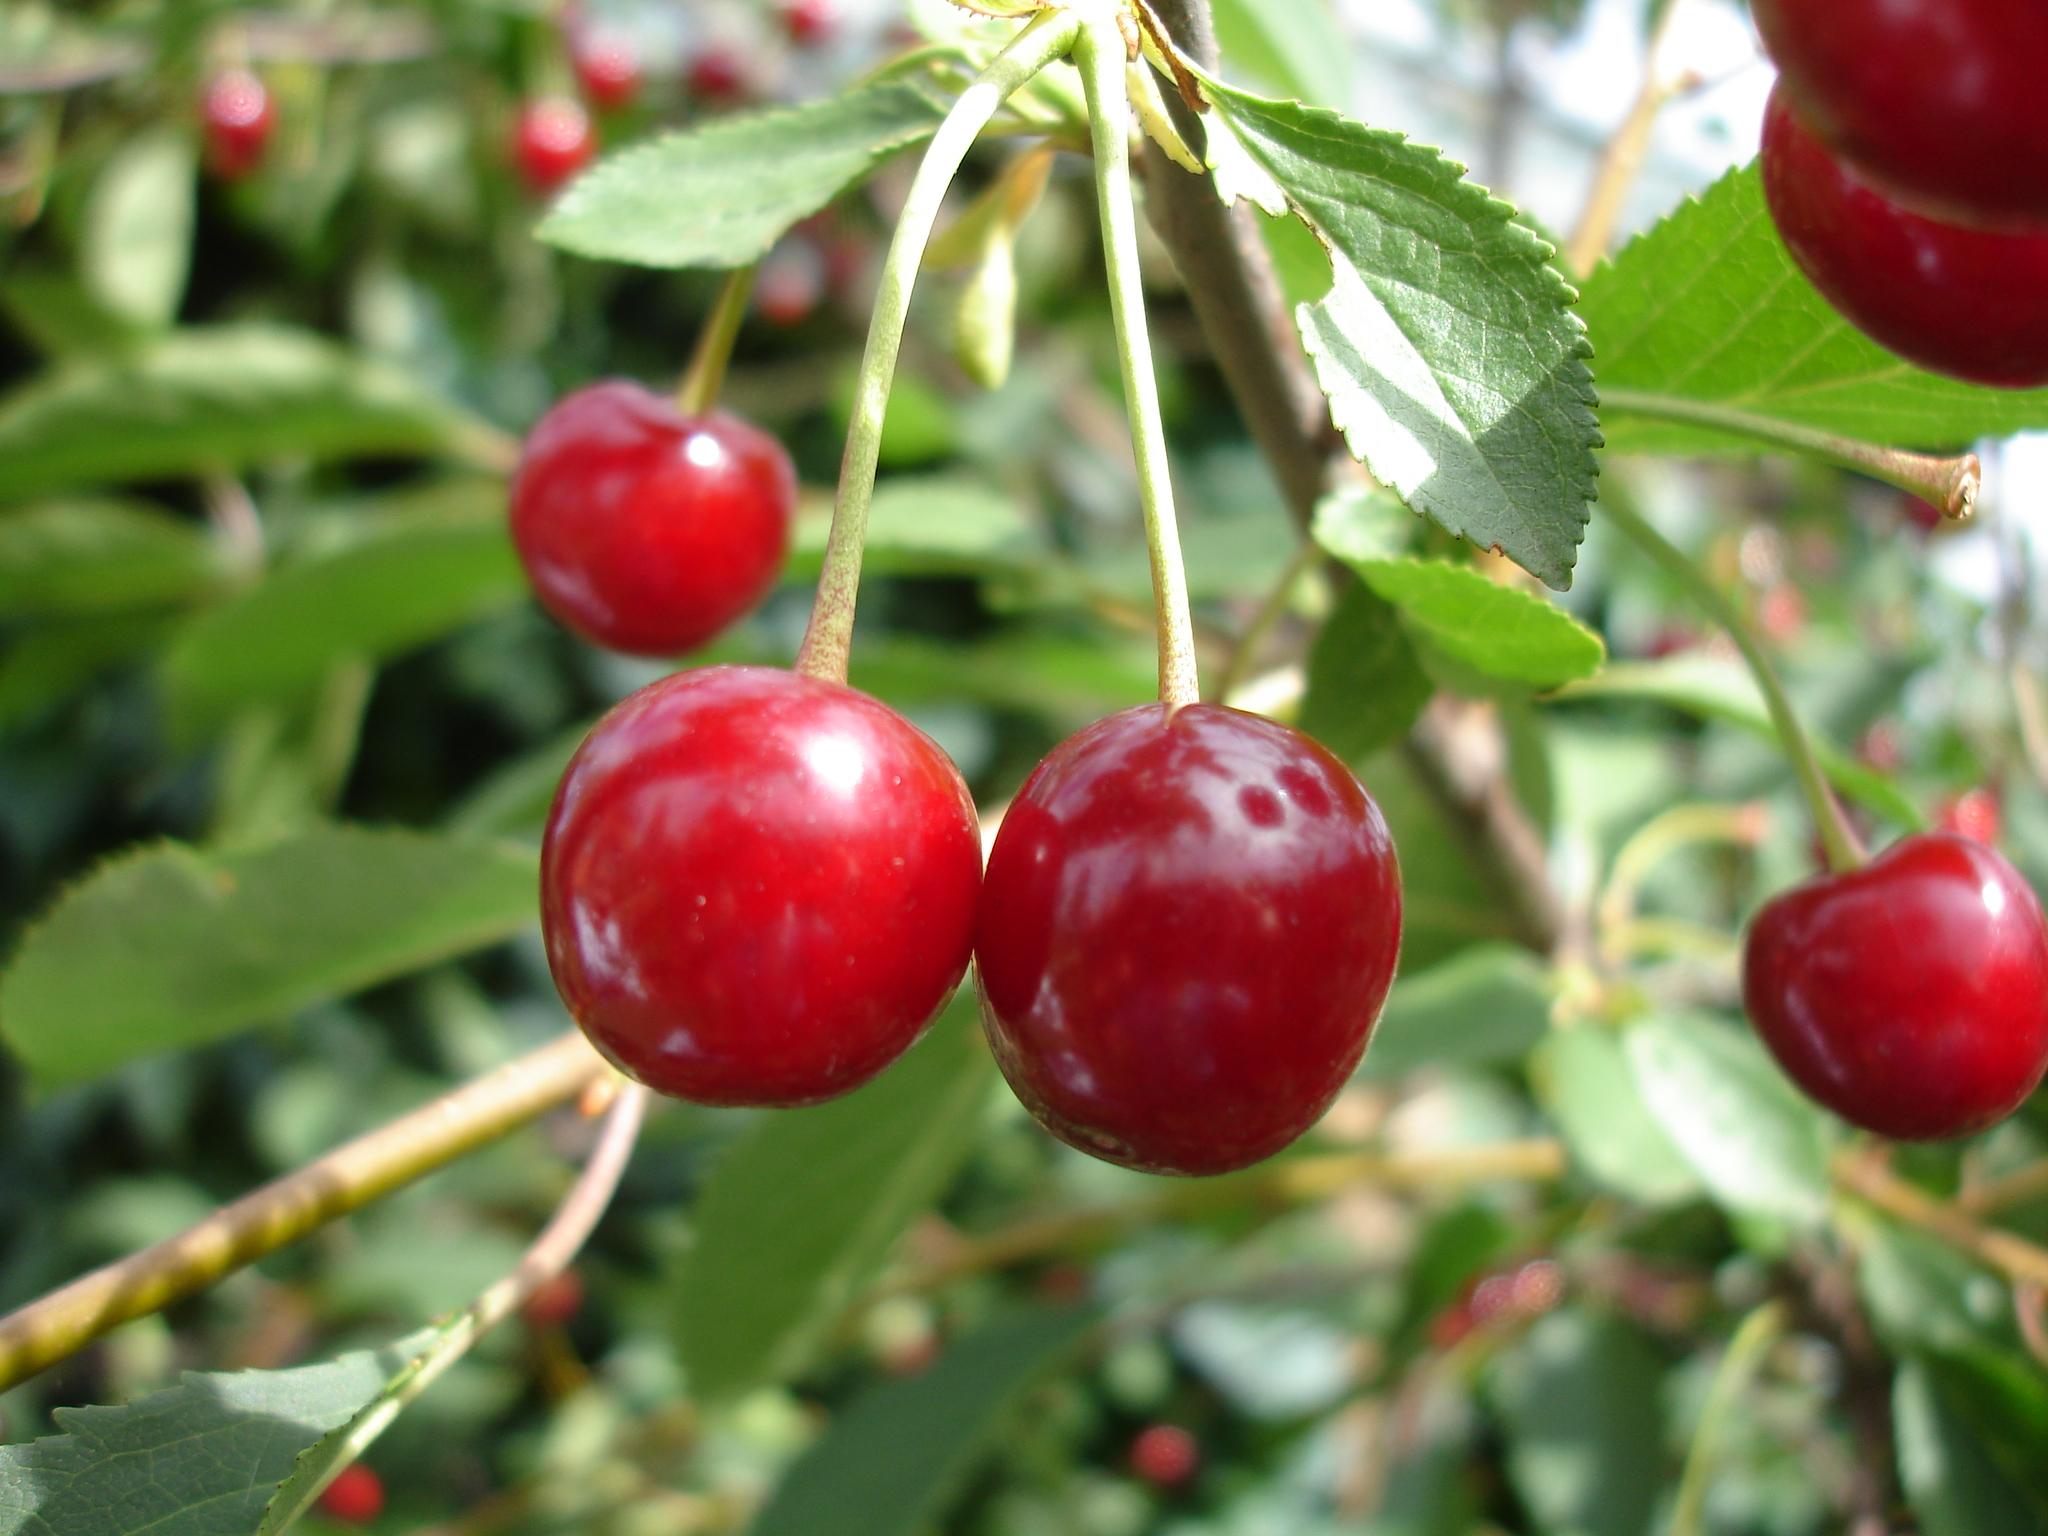 cherries growing on tree